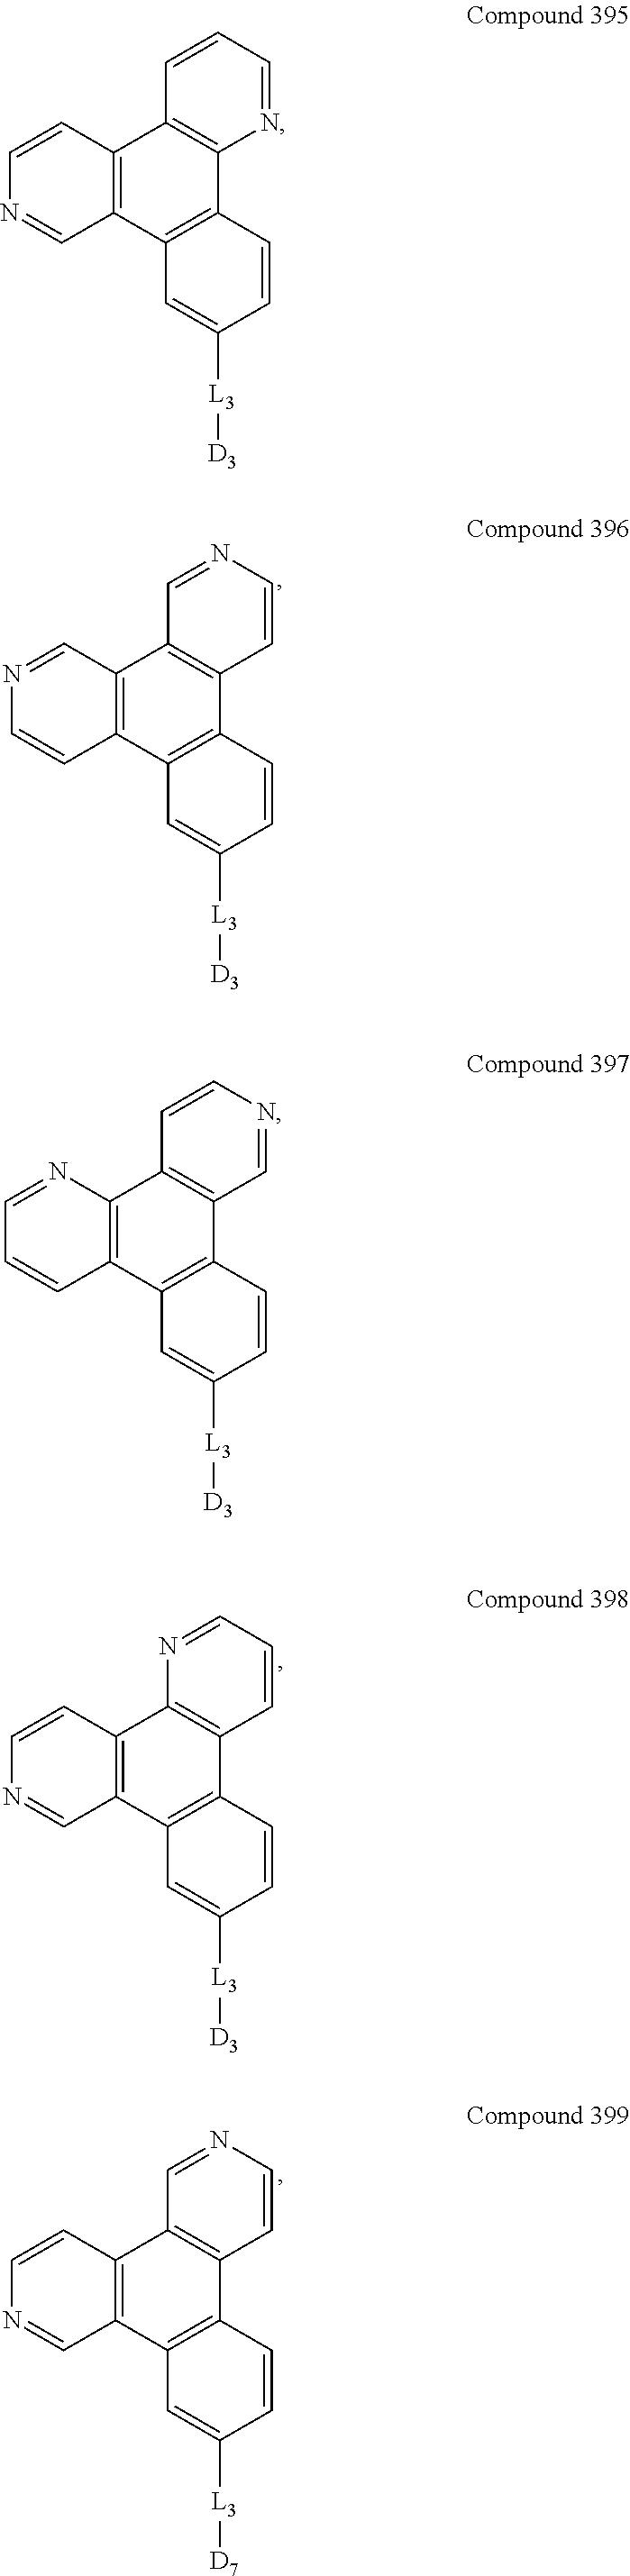 Figure US09537106-20170103-C00553